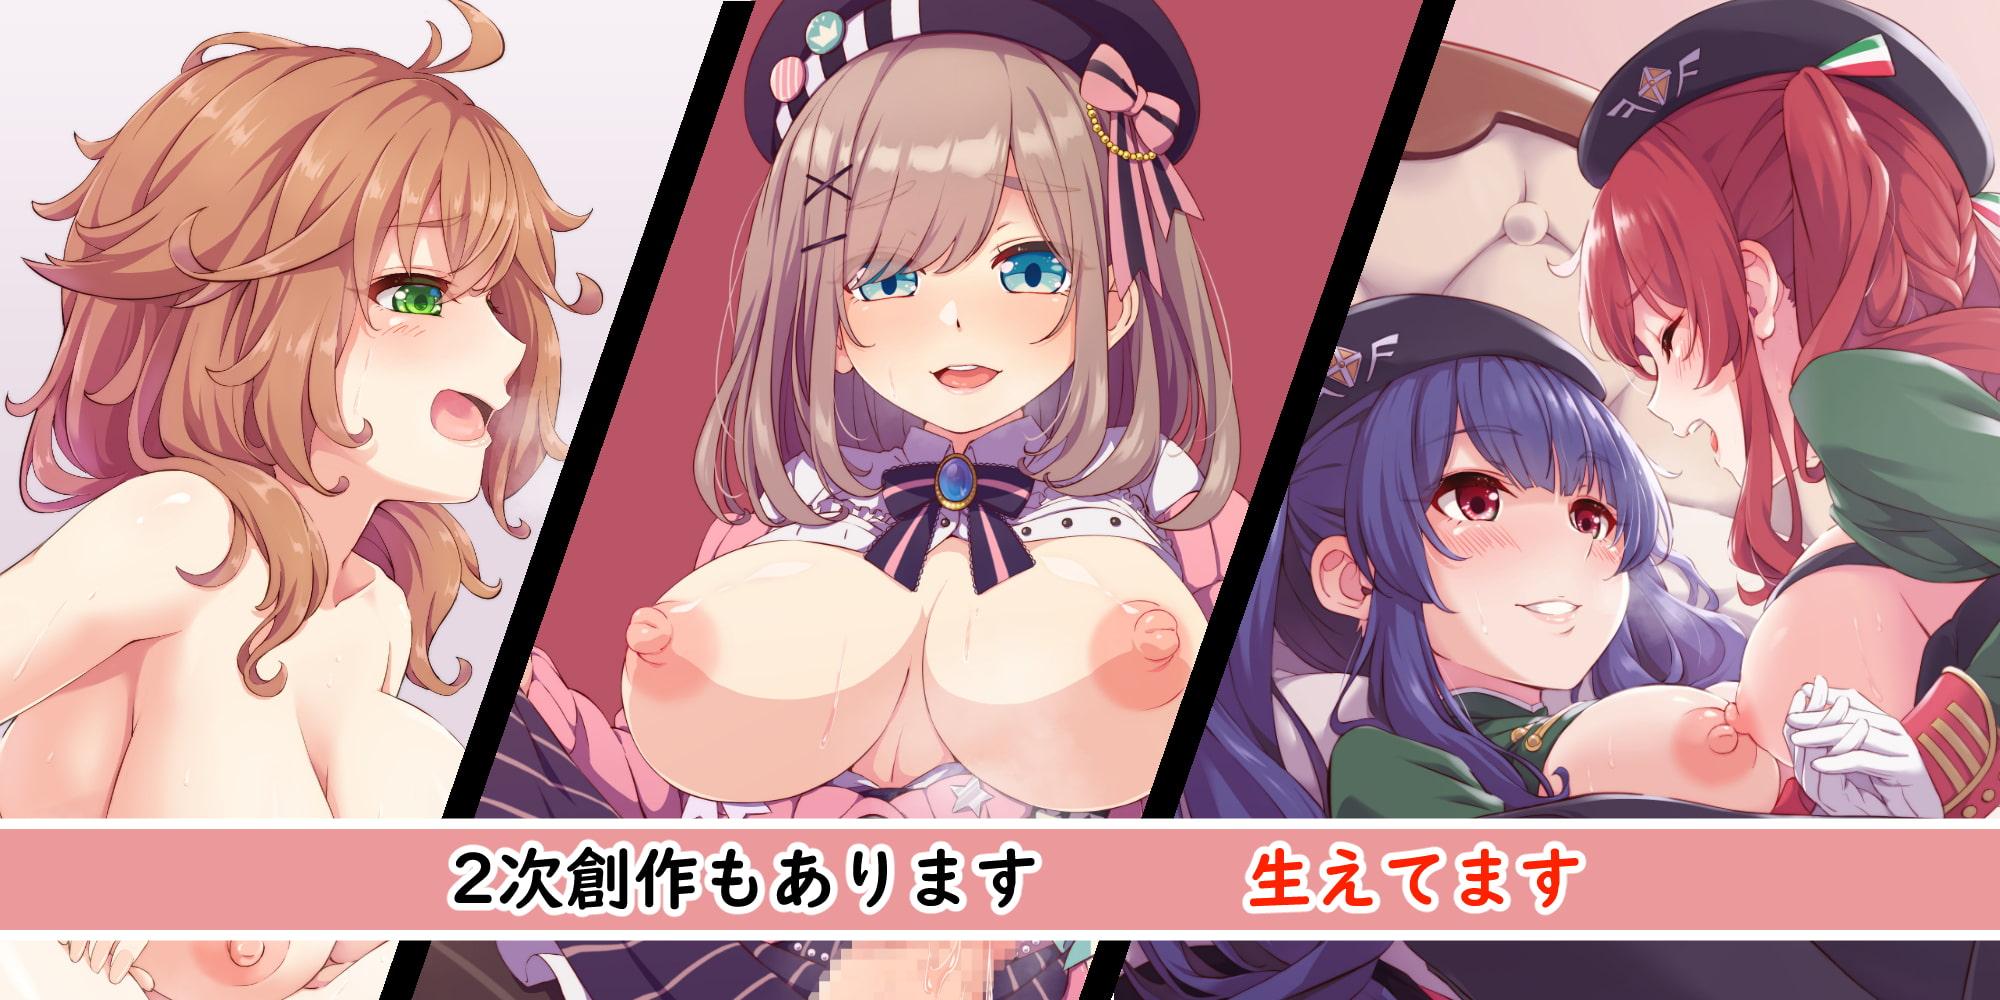 ふたなりCG集2